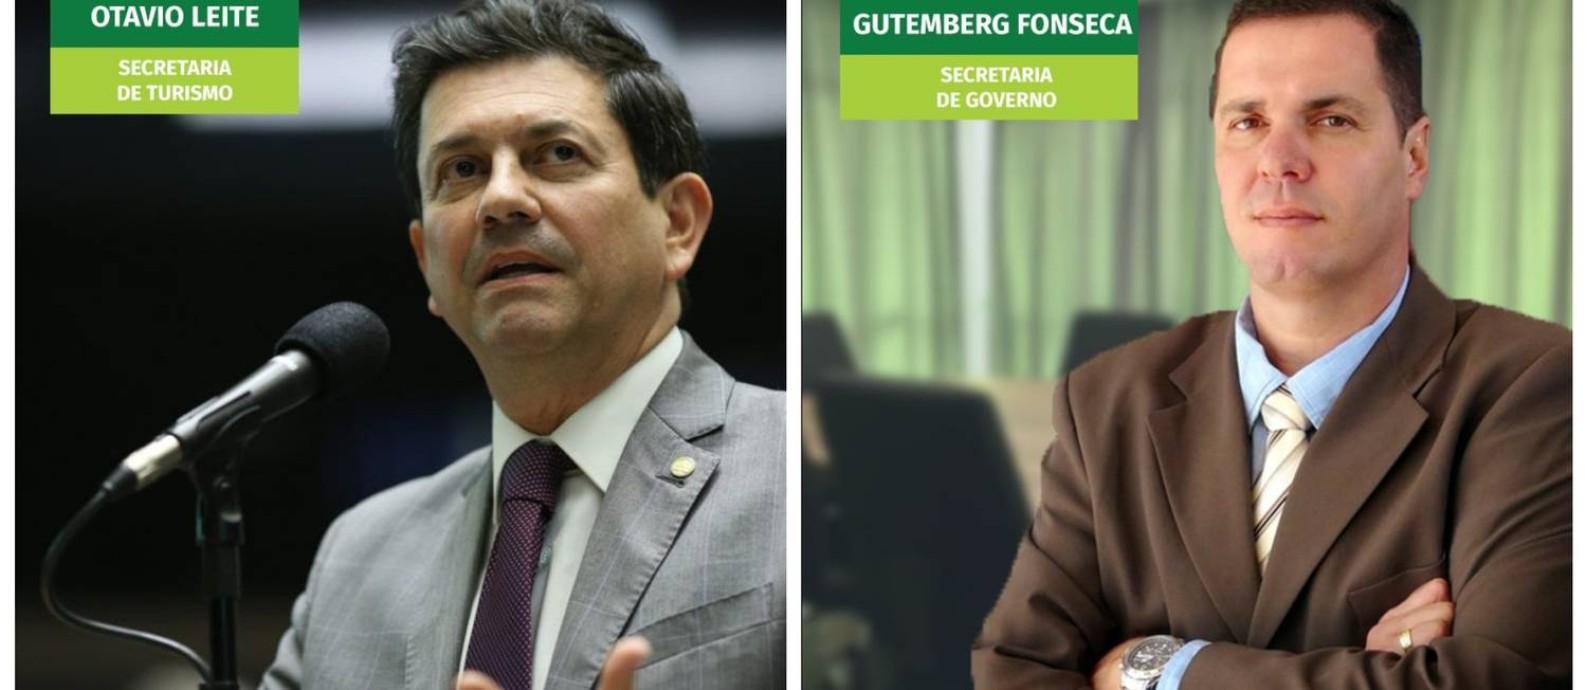 Witzel confirma seus primeiros secretários de governo Foto: Reprodução